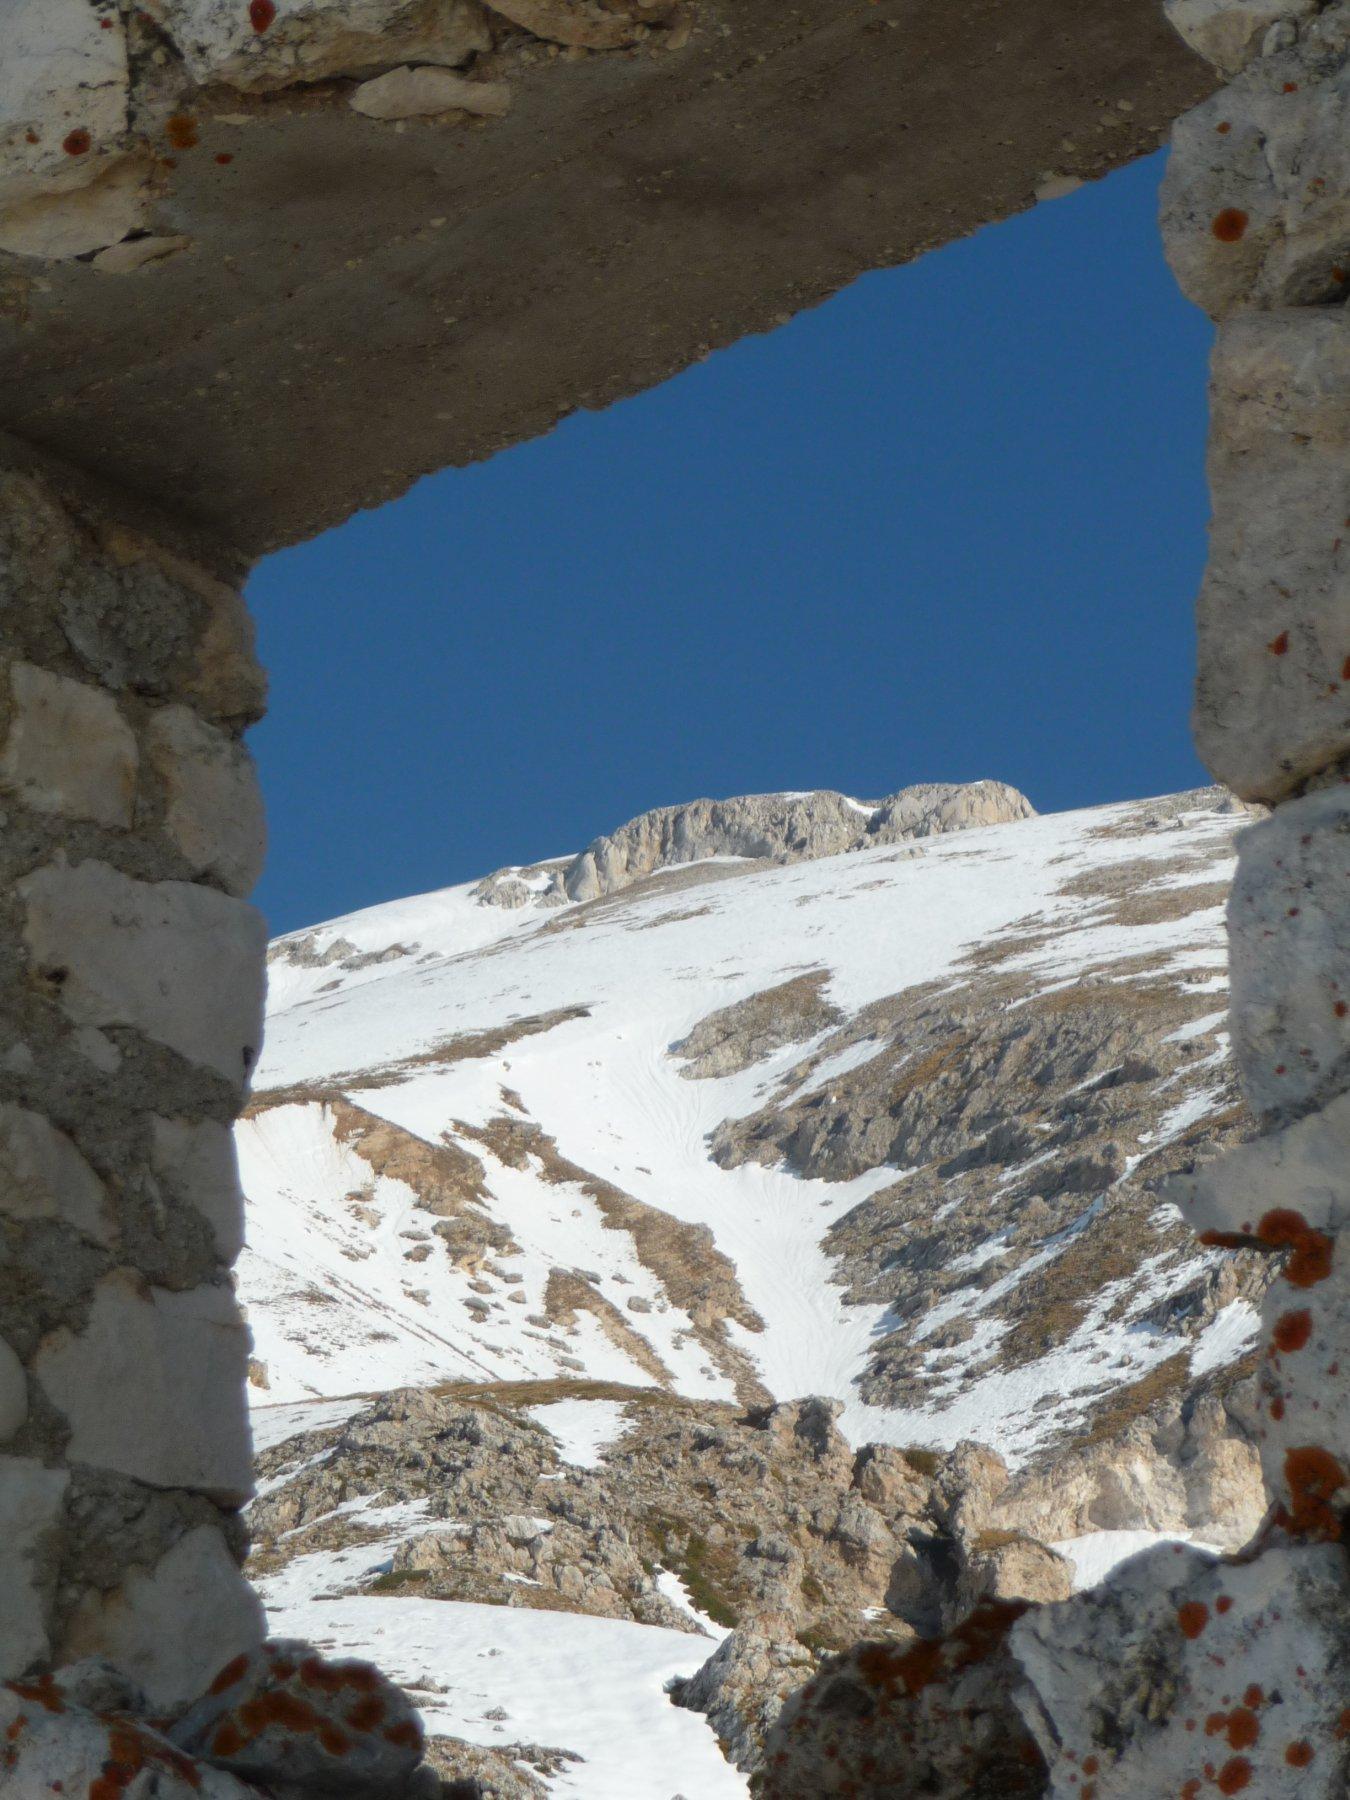 Camicia (Monte) da i Caldai per il Colle del Paginone 2015-12-08